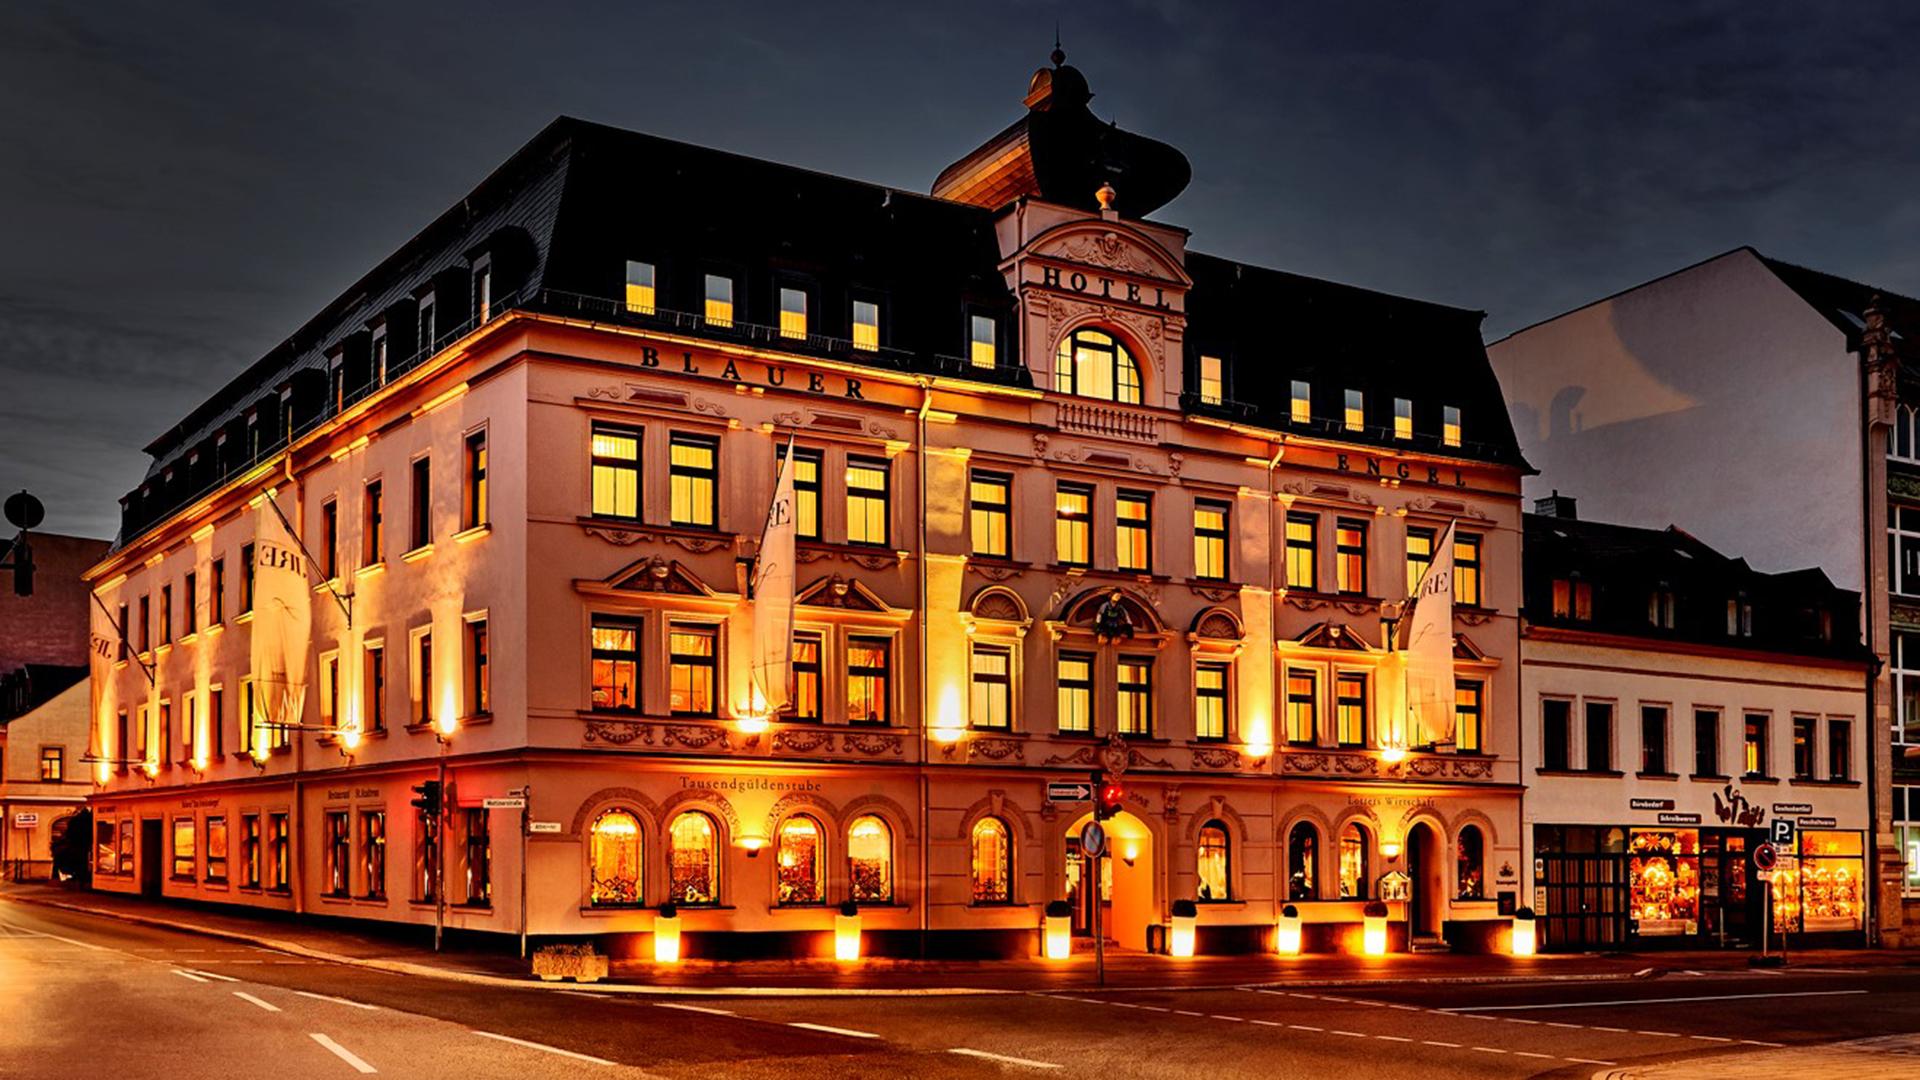 Flair Hotel Blauer Engel